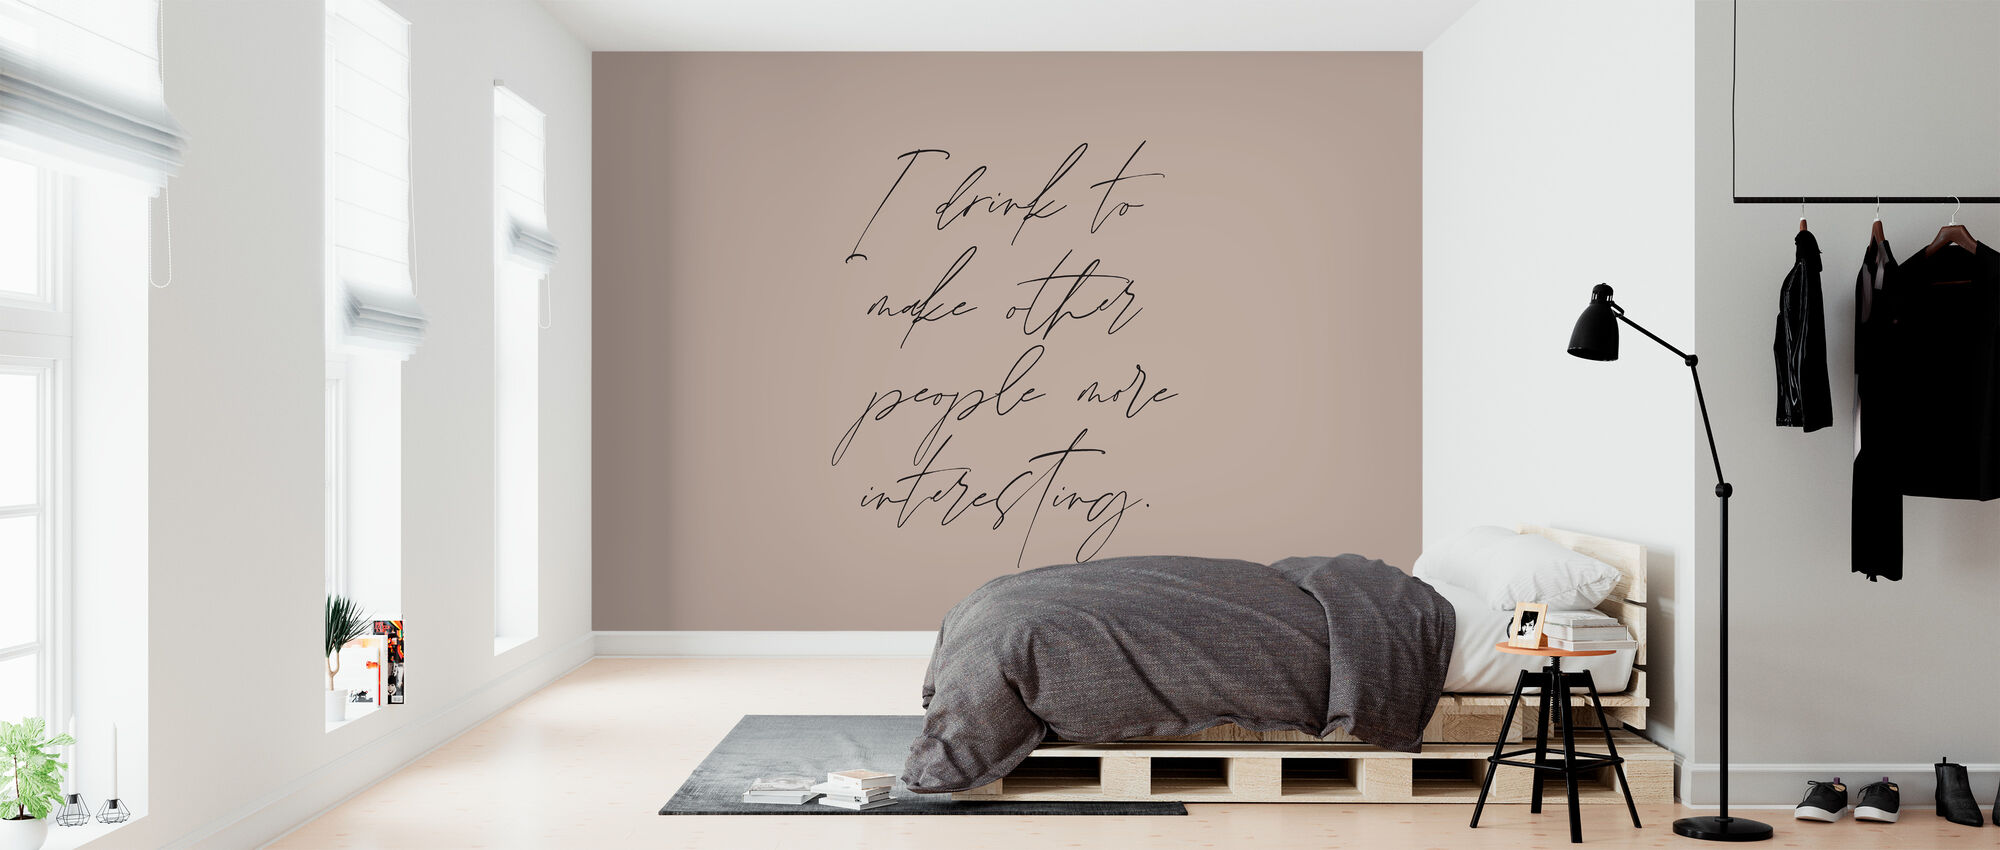 Ik drink - Behang - Slaapkamer